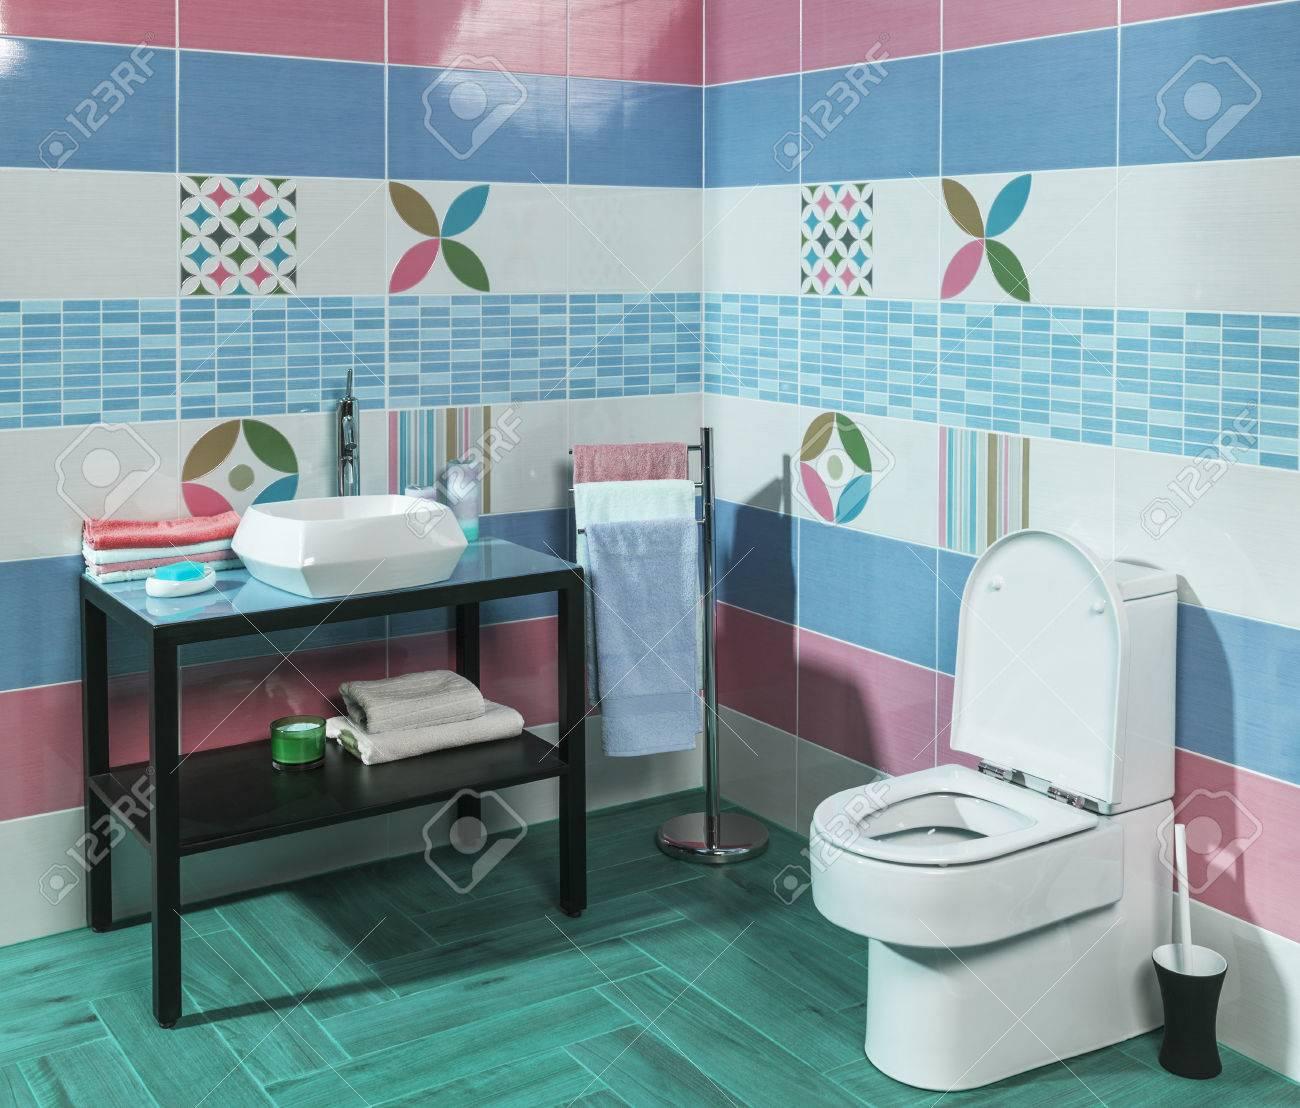 Azulejos De Cuarto De Bao Interesting Simple Moderno Cuarto De - Azulejos-cuarto-bao